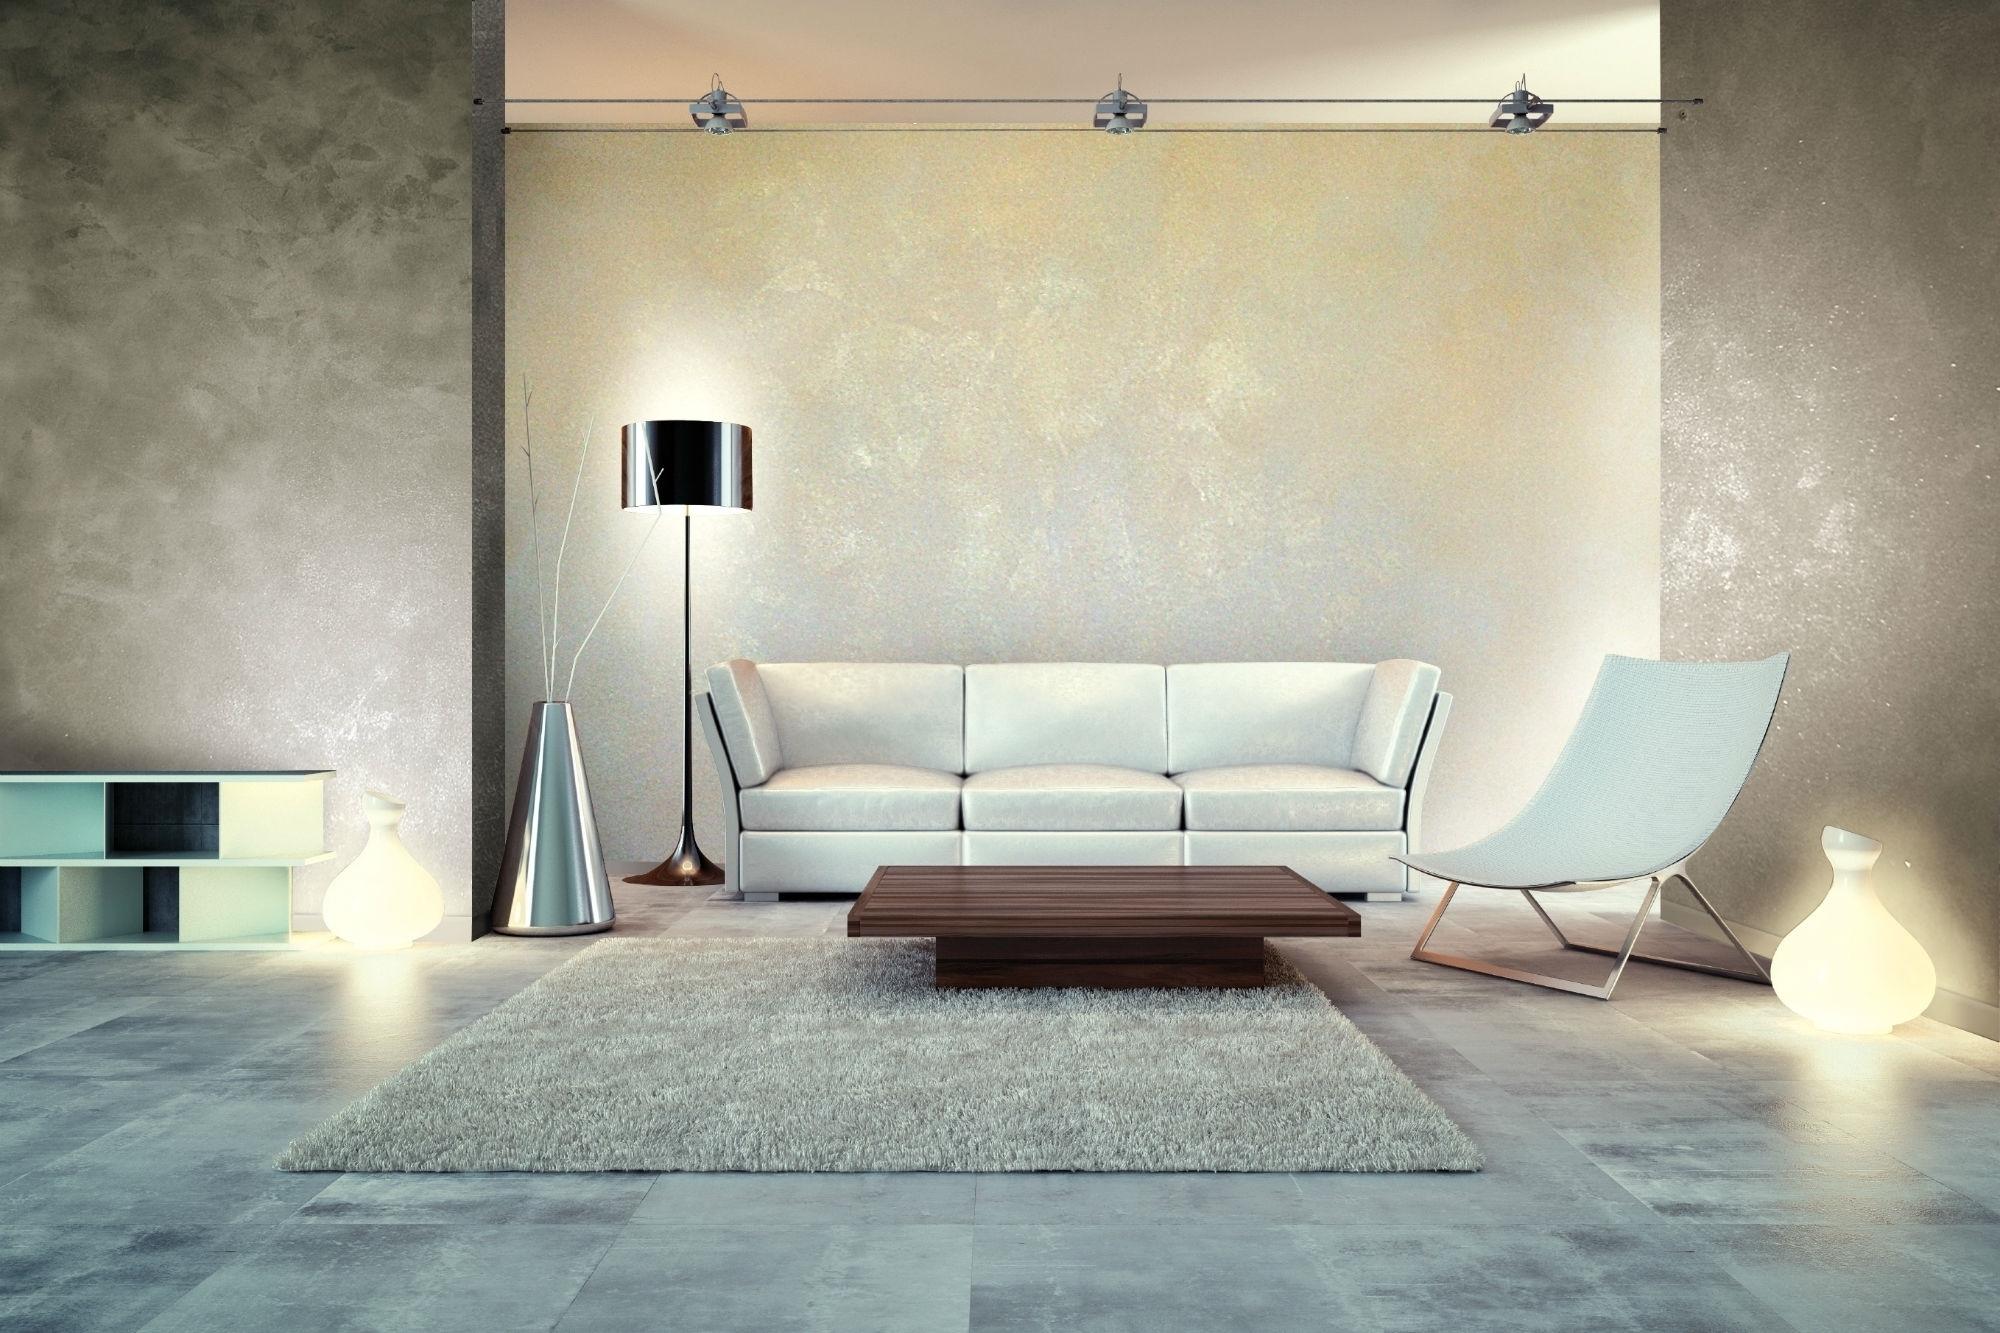 Nuove Pitture Per Appartamenti pareti effetto sabbia - pitturare - come realizzare l